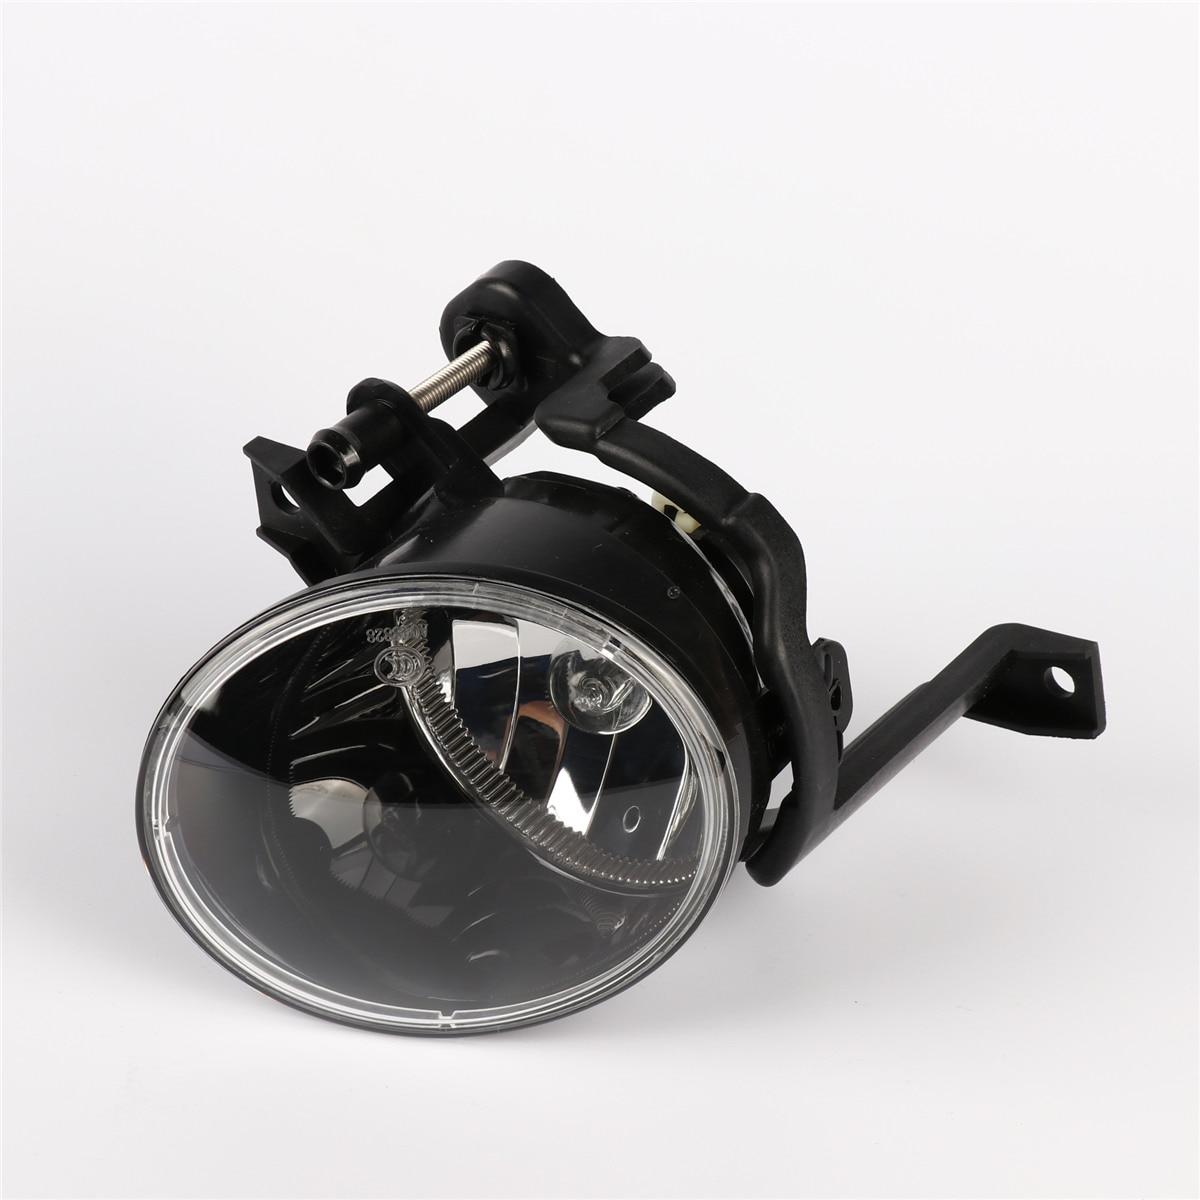 OEM 1PCS Front Right Halogen Fog Lamp Light For VW Jetta MK6 Golf MK6 Volkswagen 18G 941 700 B<br>